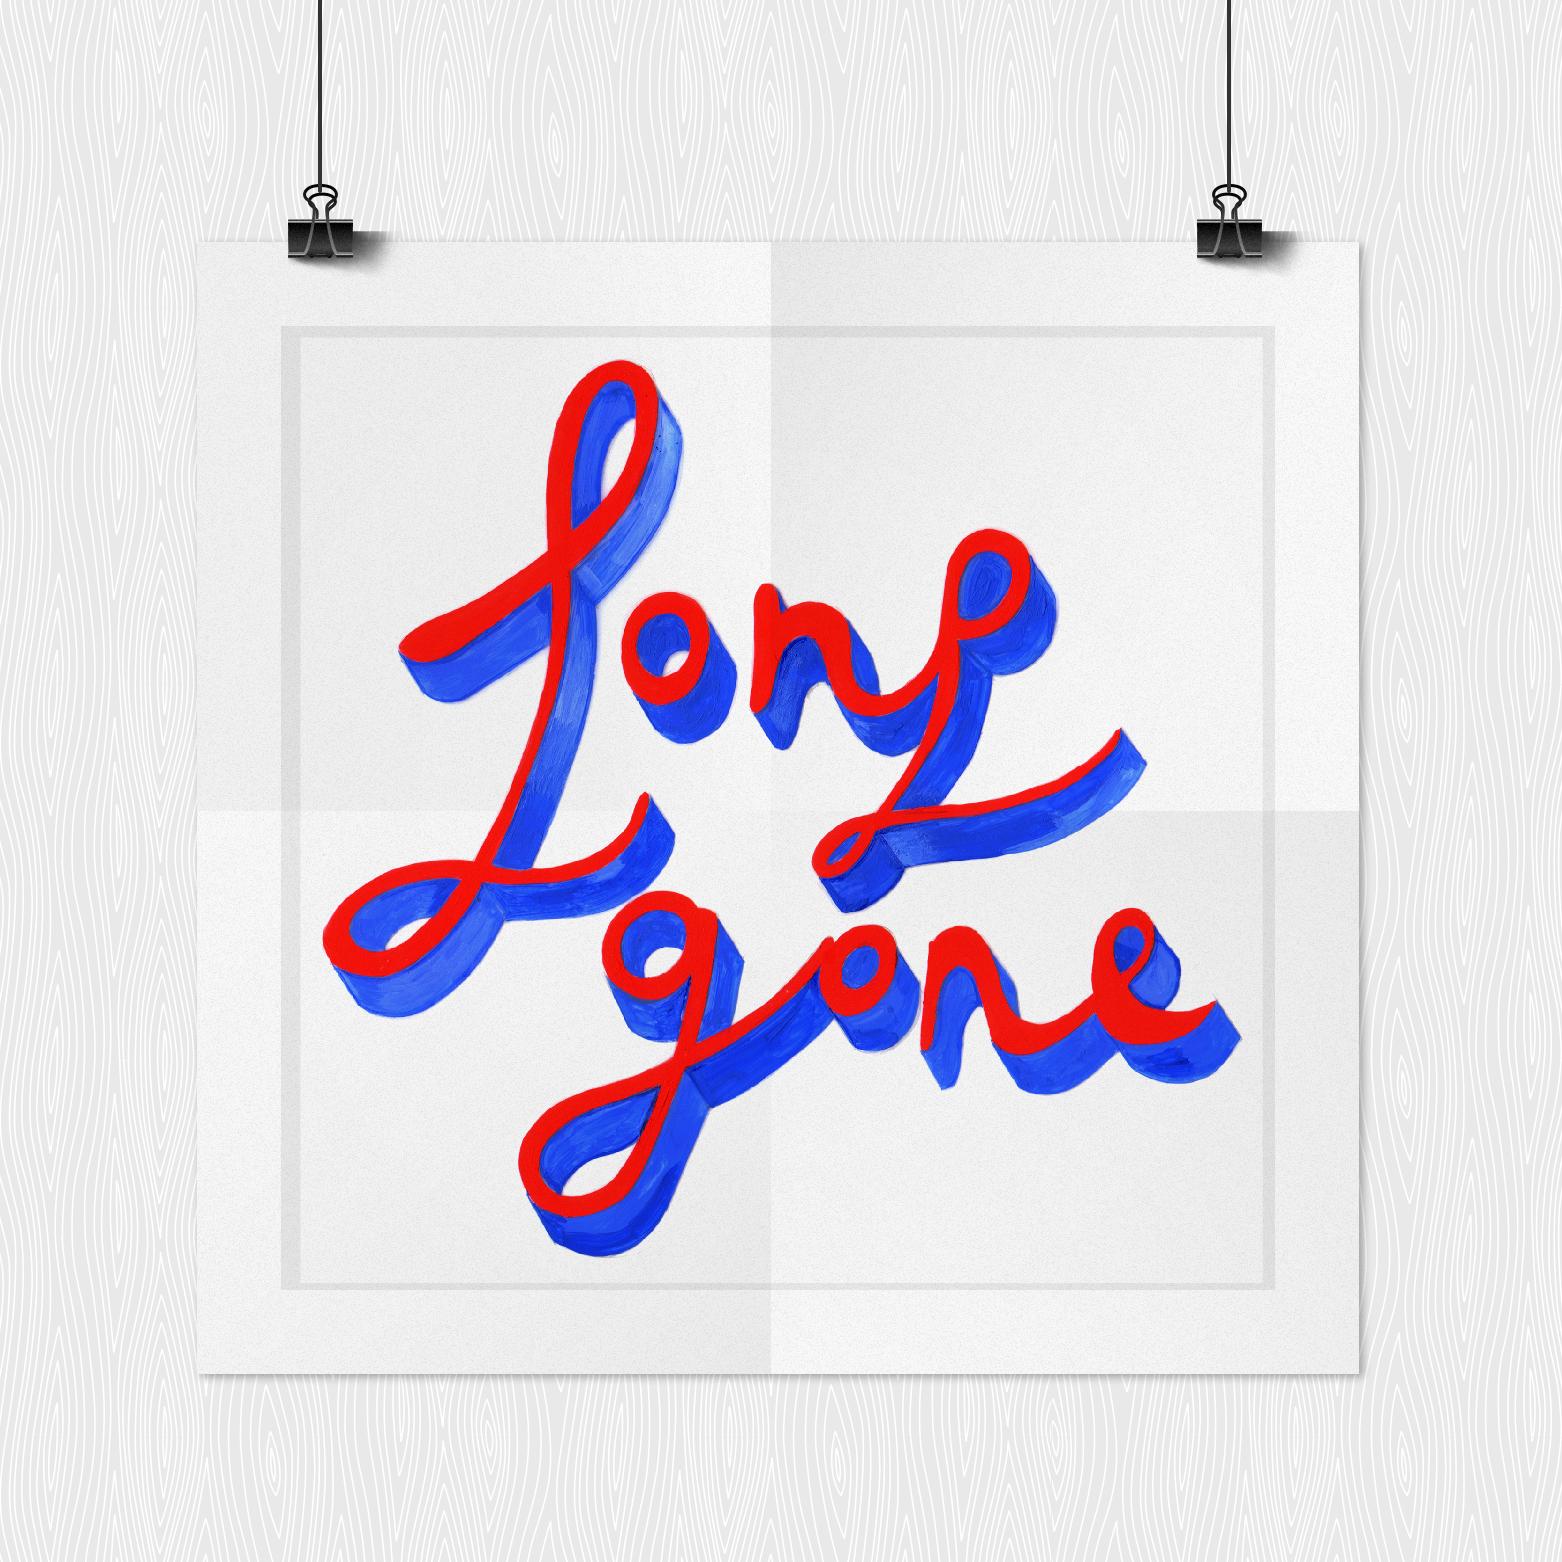 azjin_longgone